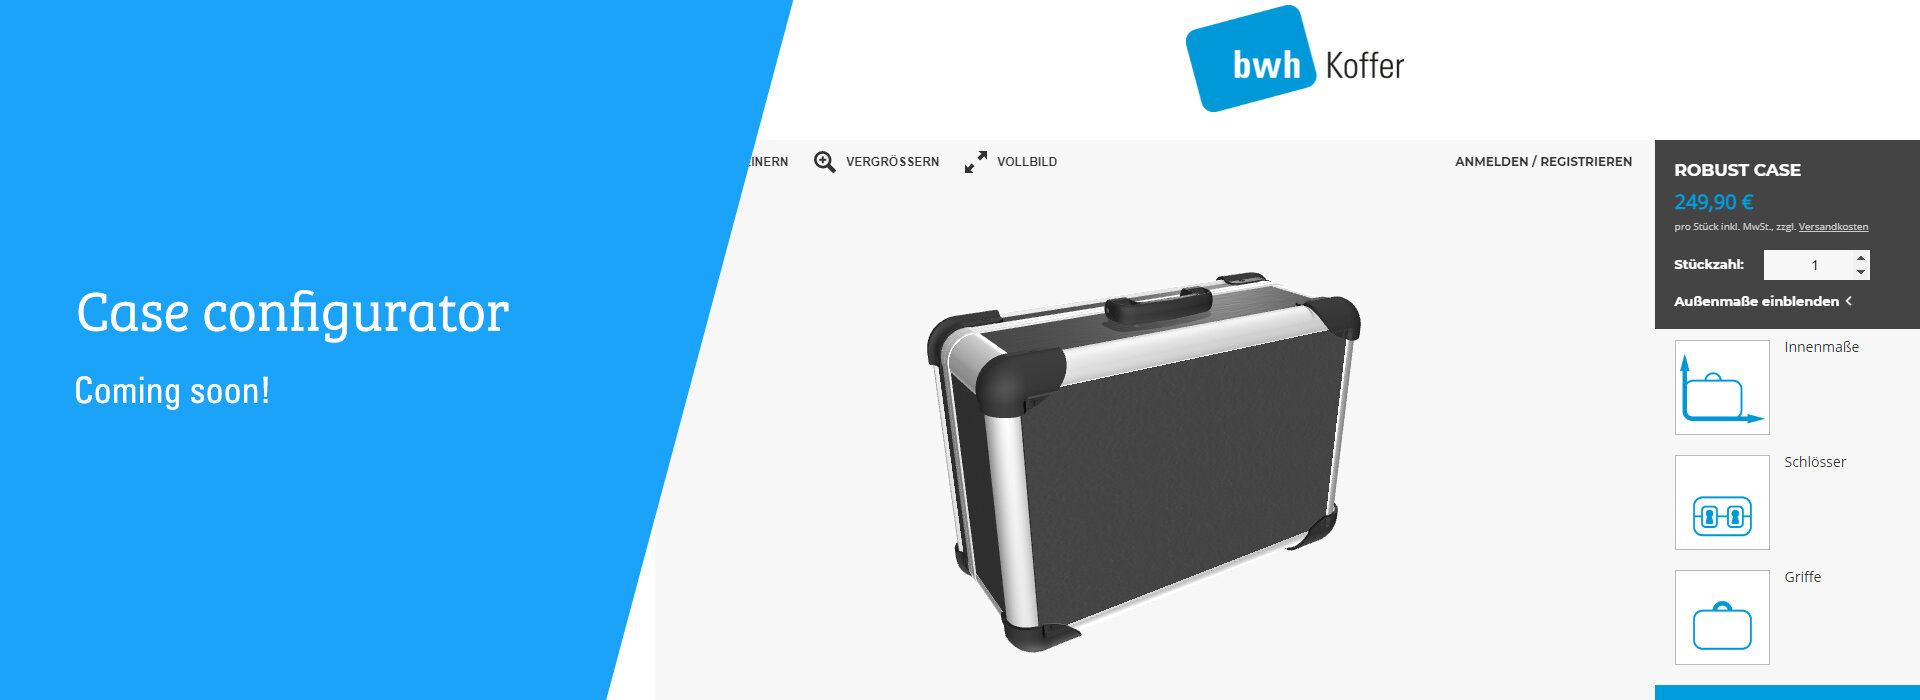 Case configurator